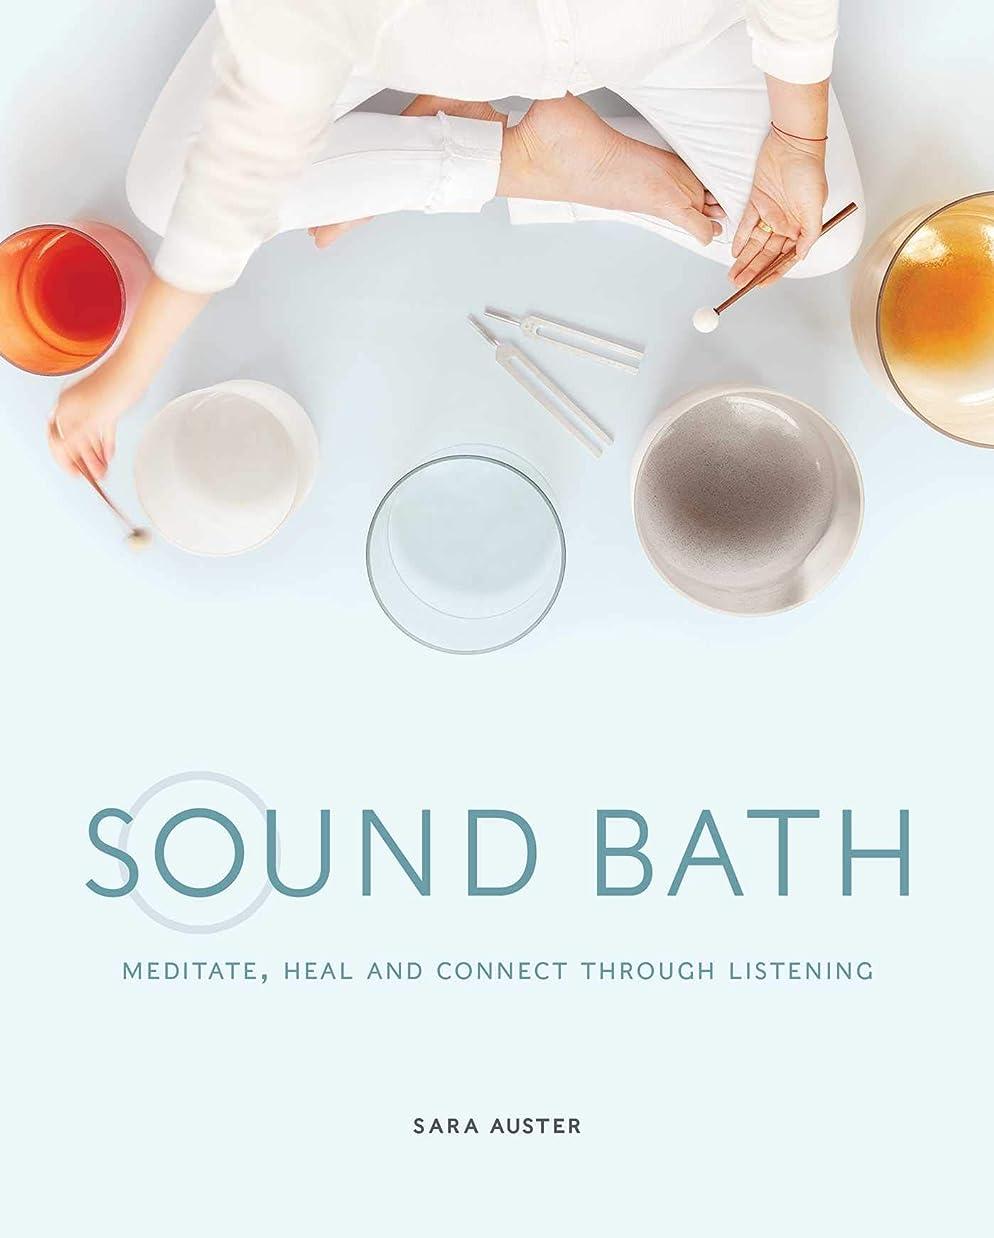 禁止する恥十代の若者たちSound Bath: Meditate, Heal and Connect through Listening (English Edition)